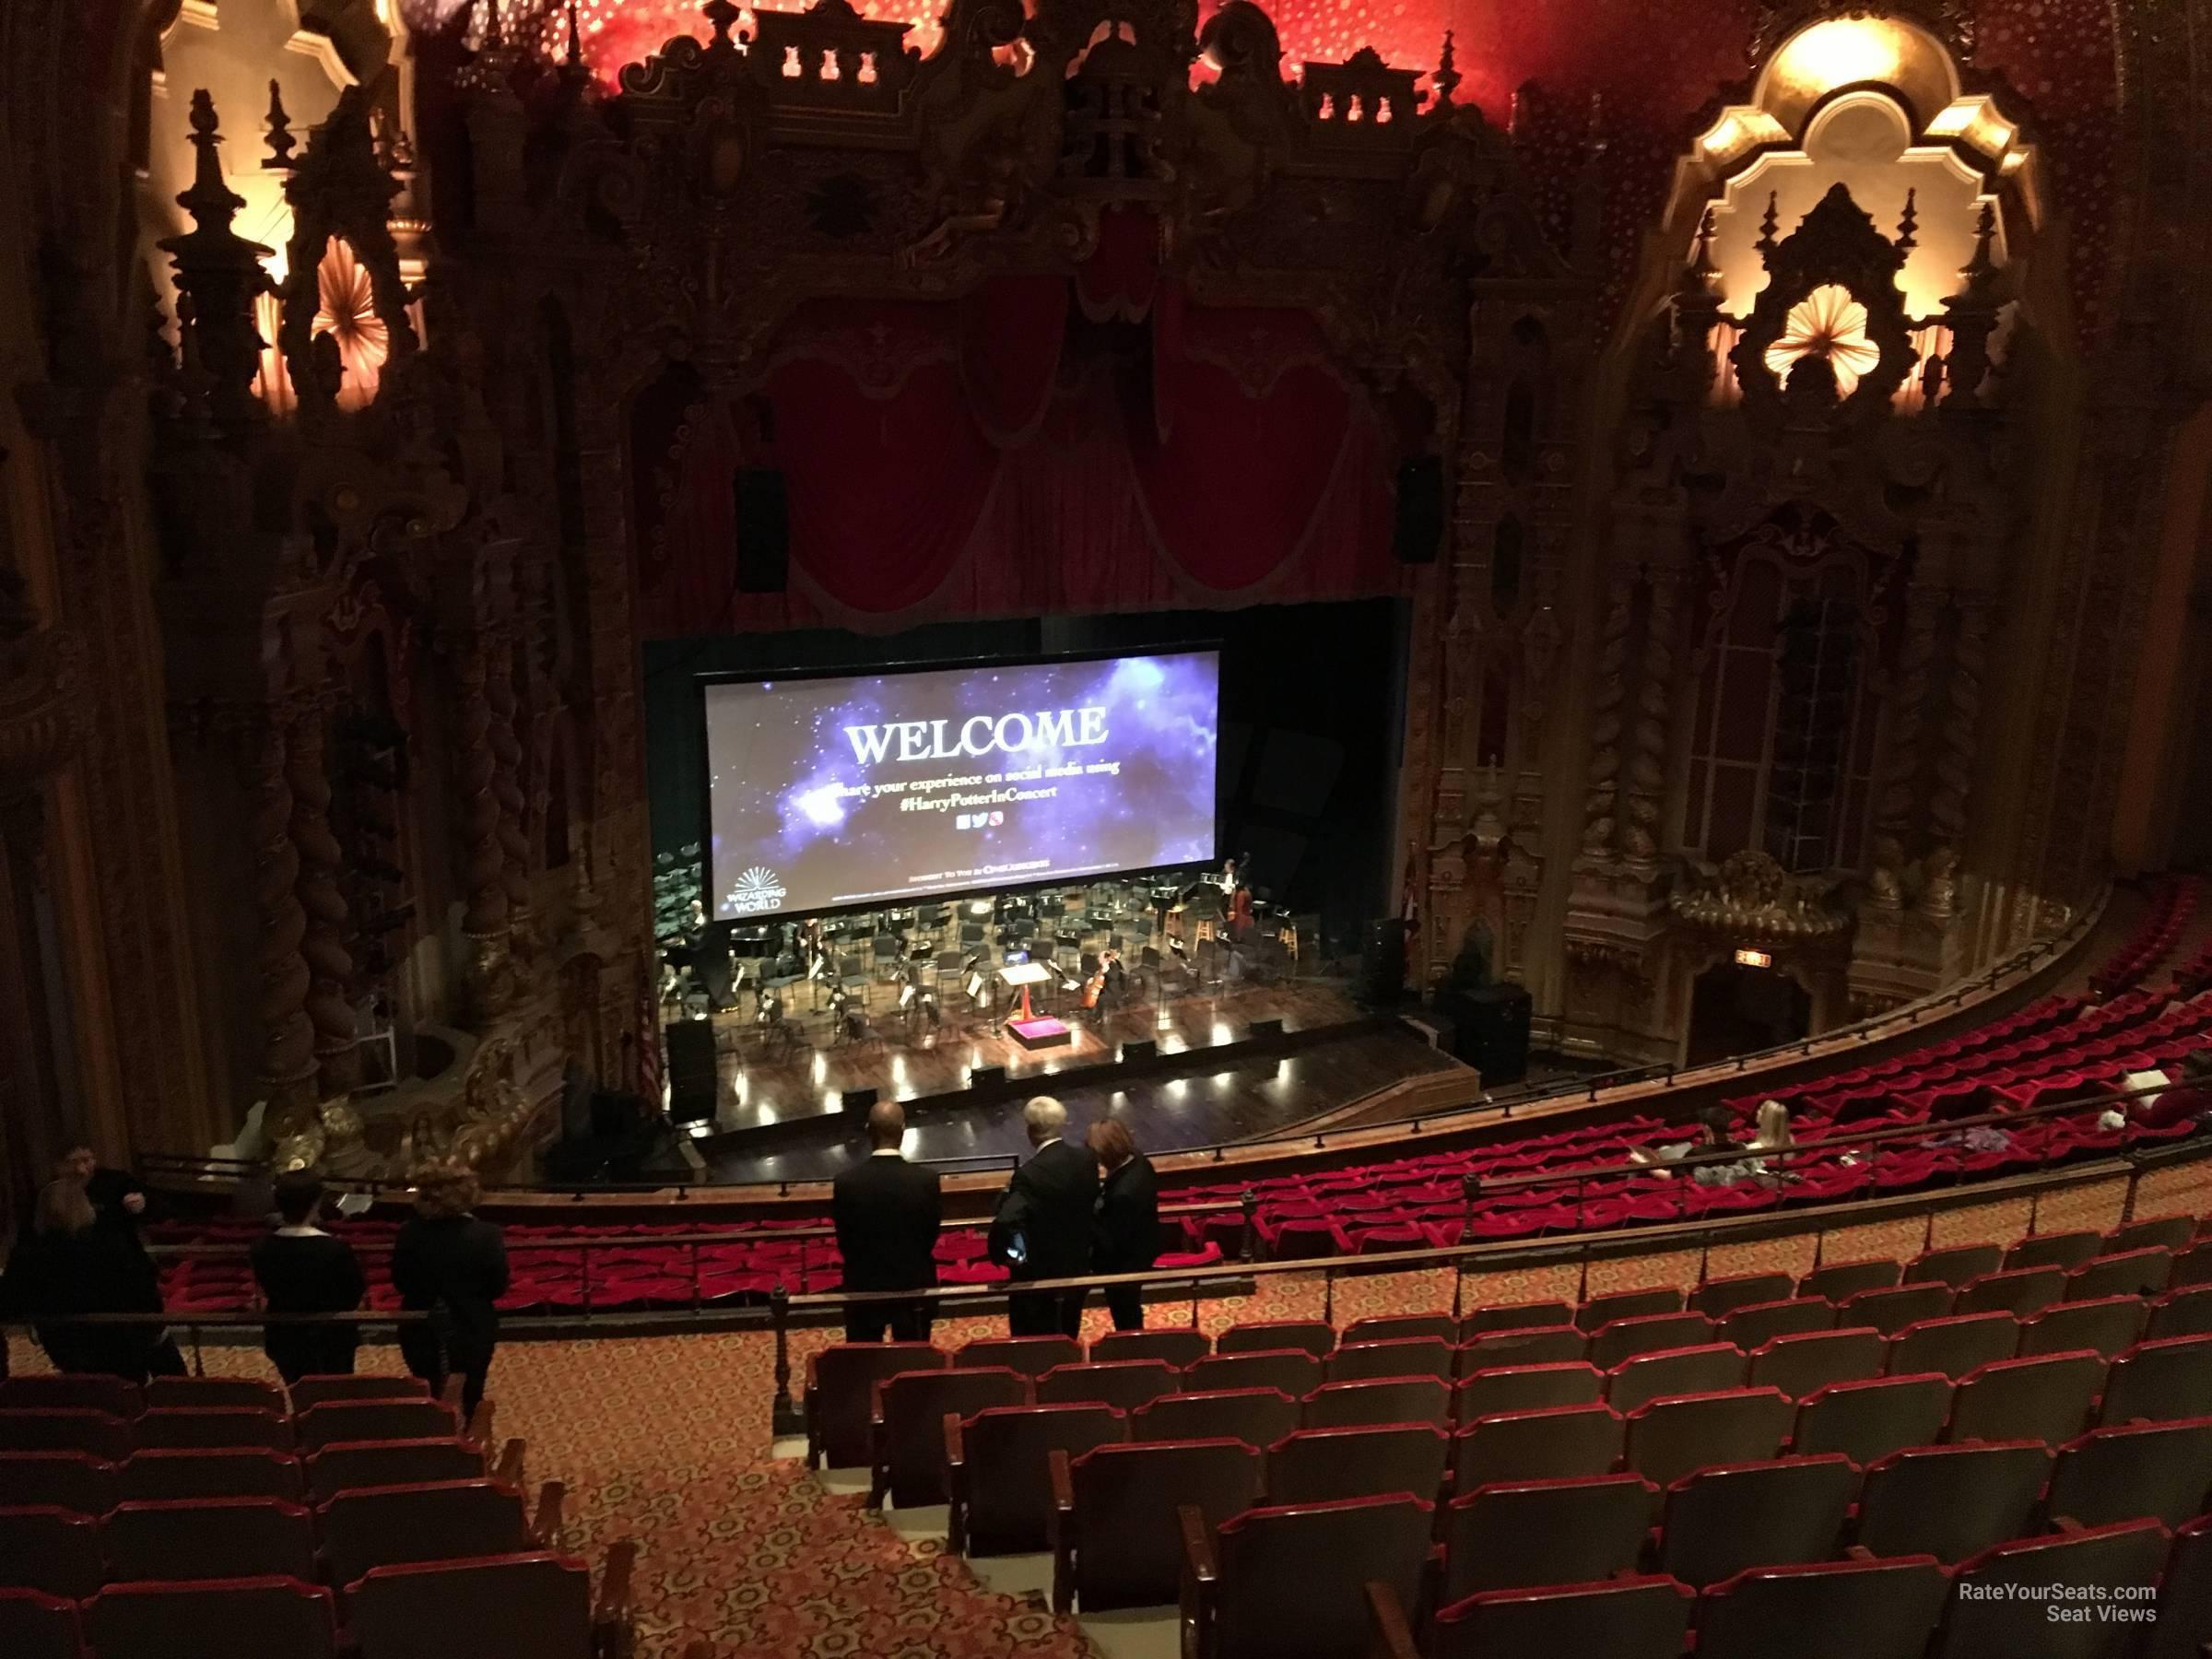 Mezzanine E seat view